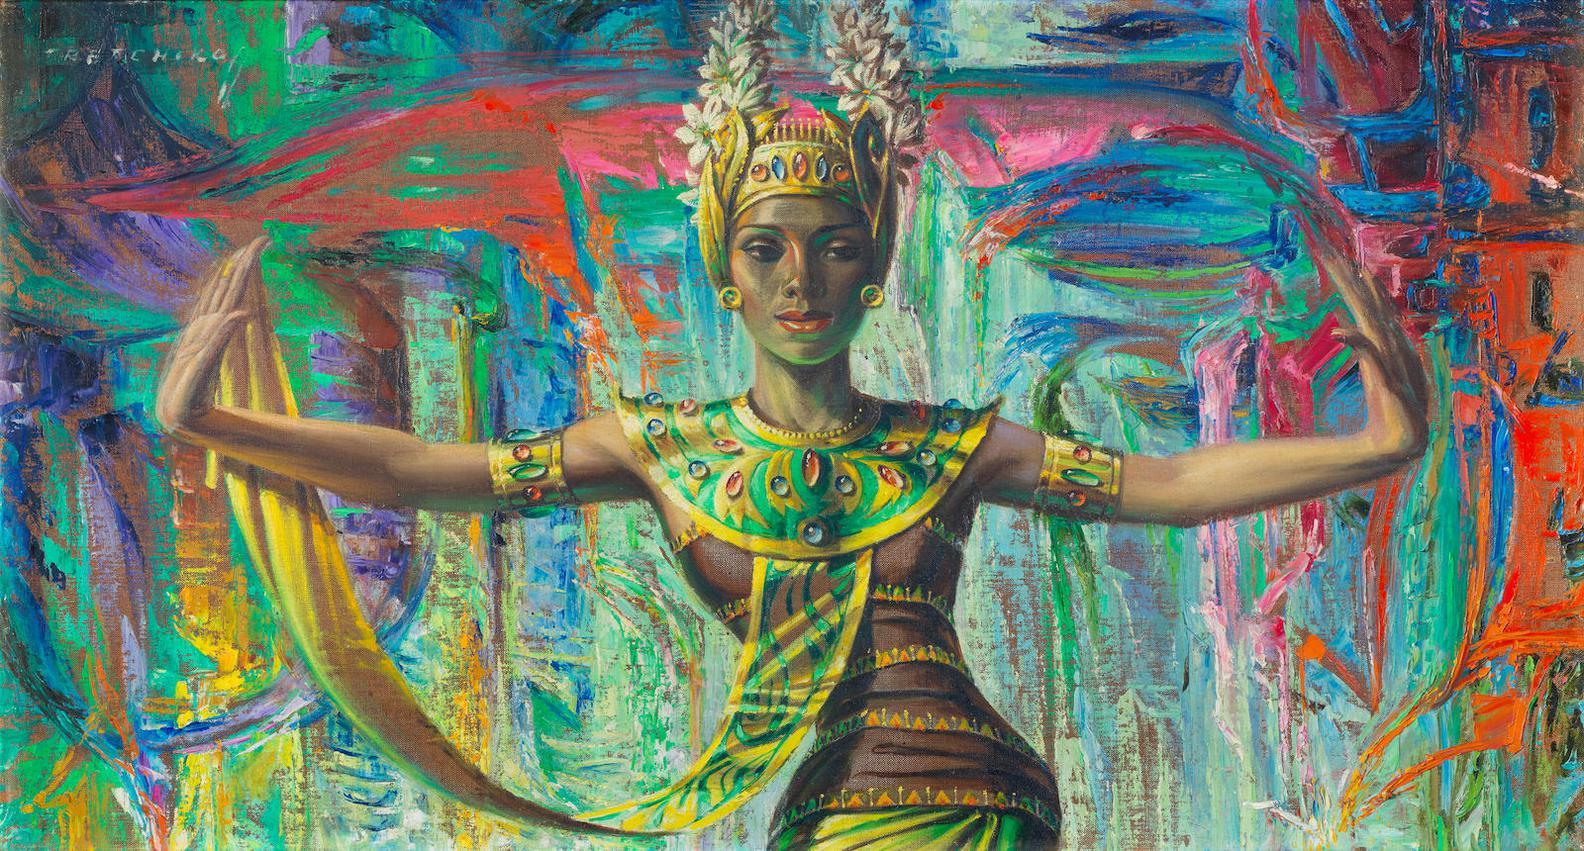 Vladimir Griegorovich Tretchikoff - Balinese Dancer-